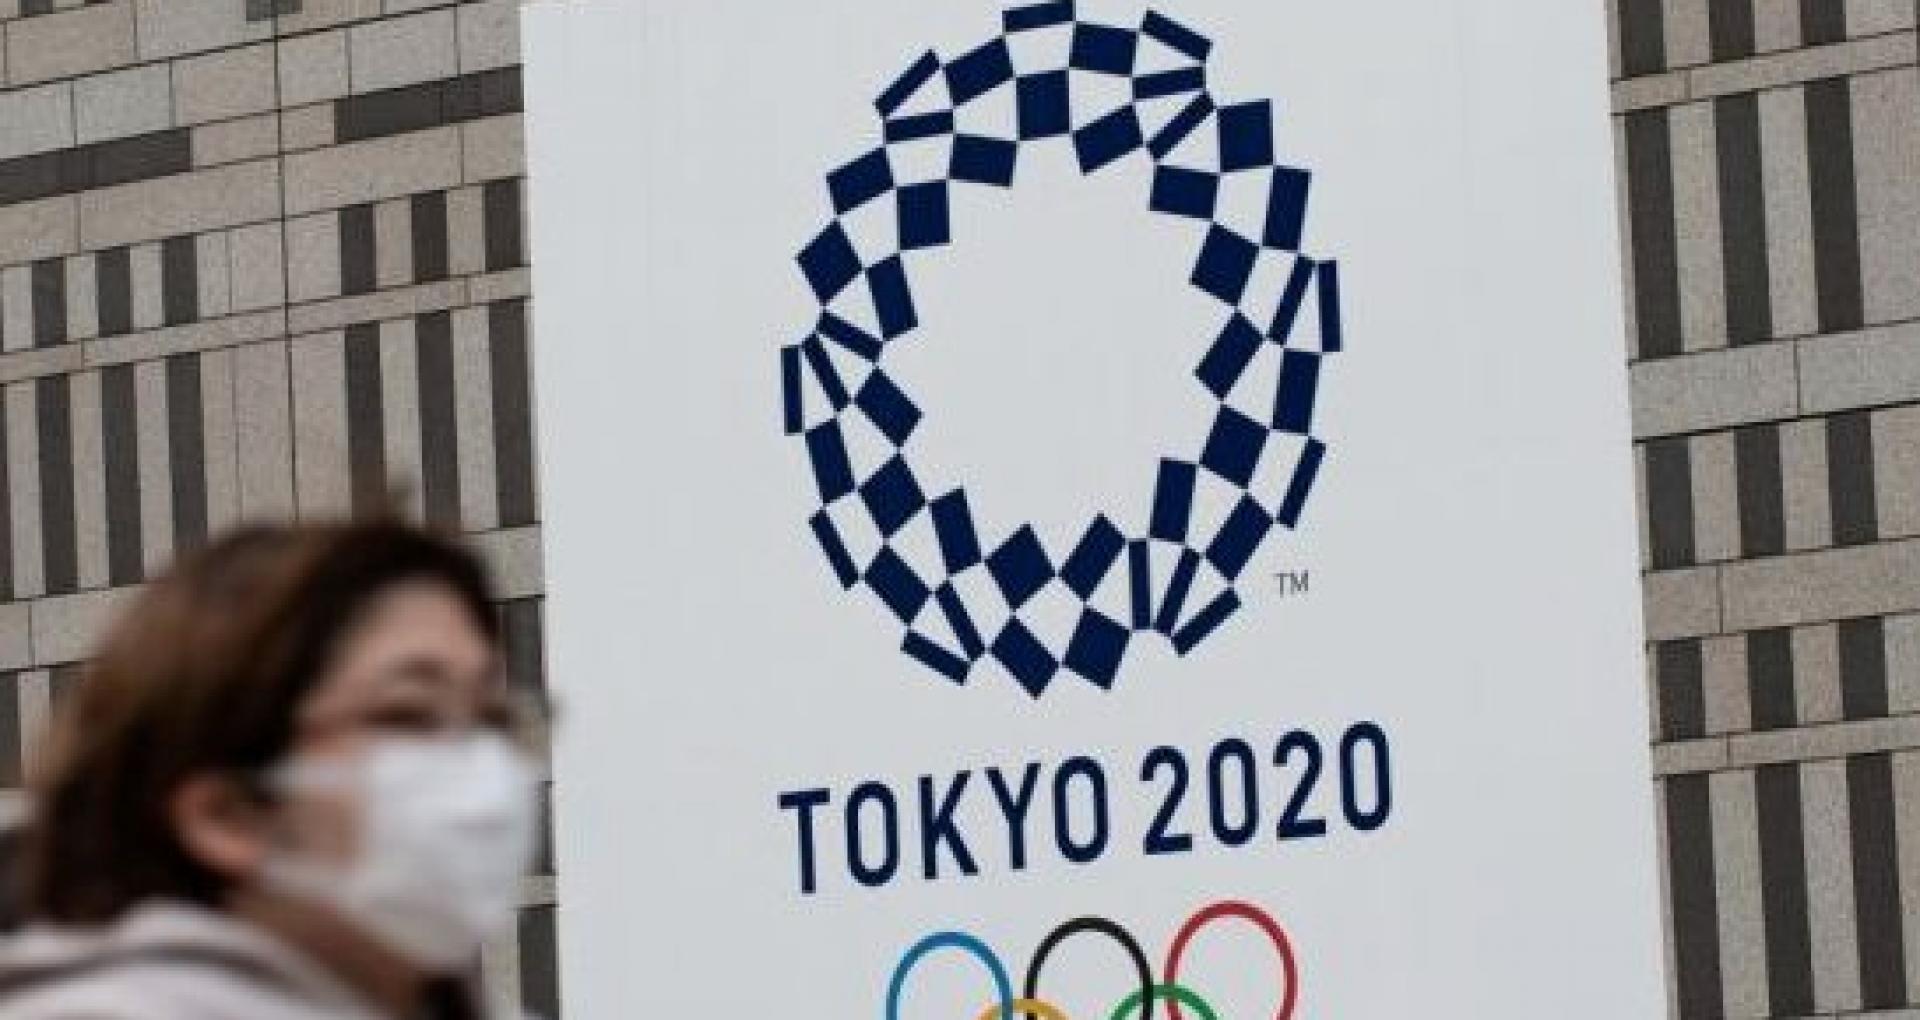 Ceremonia de deschidere a Jocurilor Olimpice 2020 va avea mai puţin de 1 000 de invitaţi